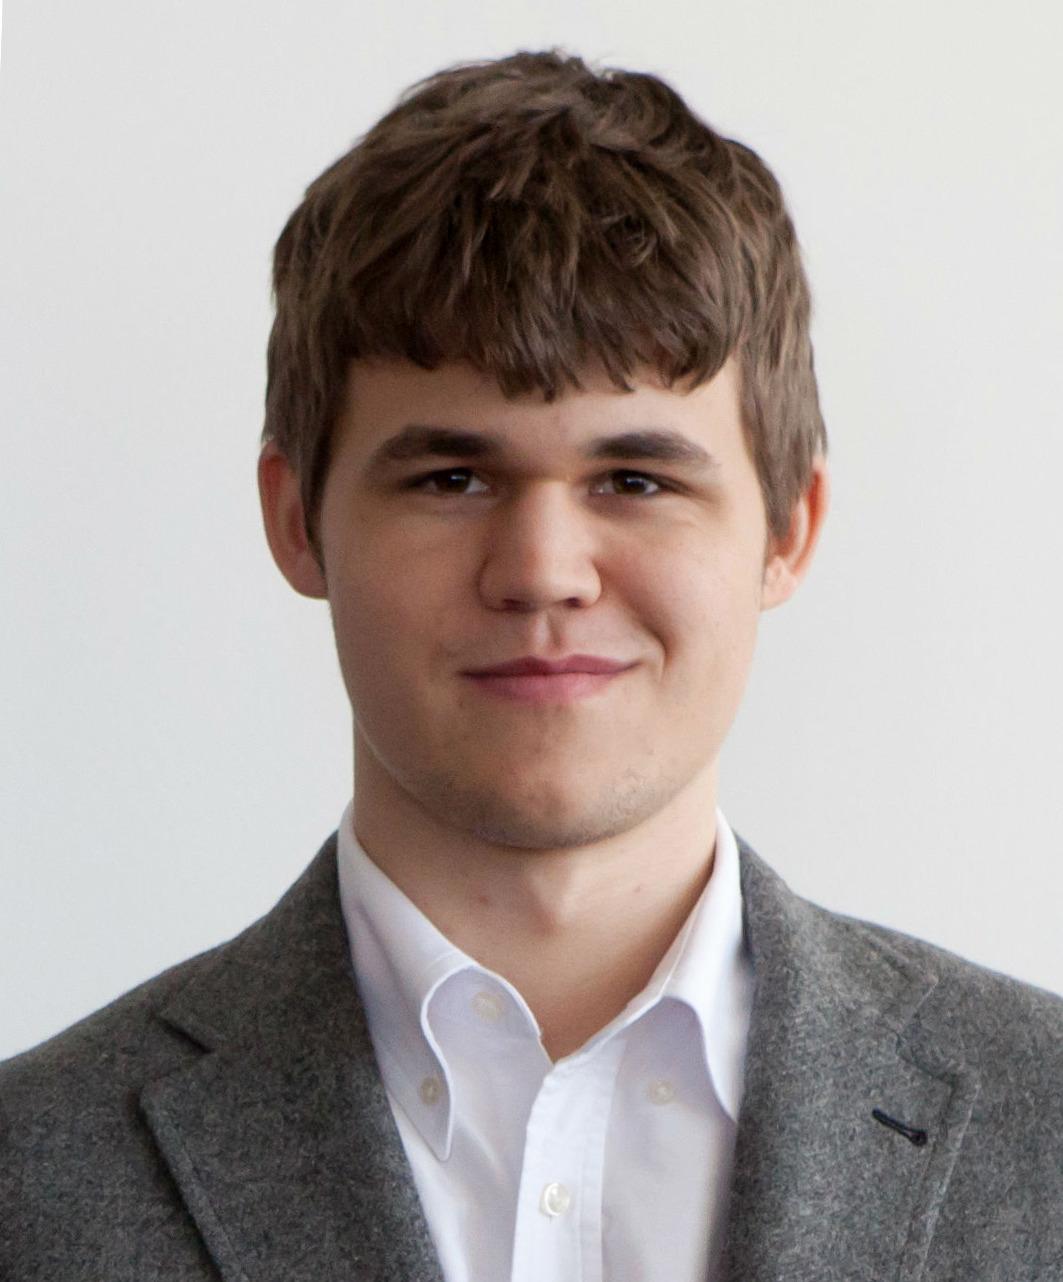 Magnus Carlsen cropped